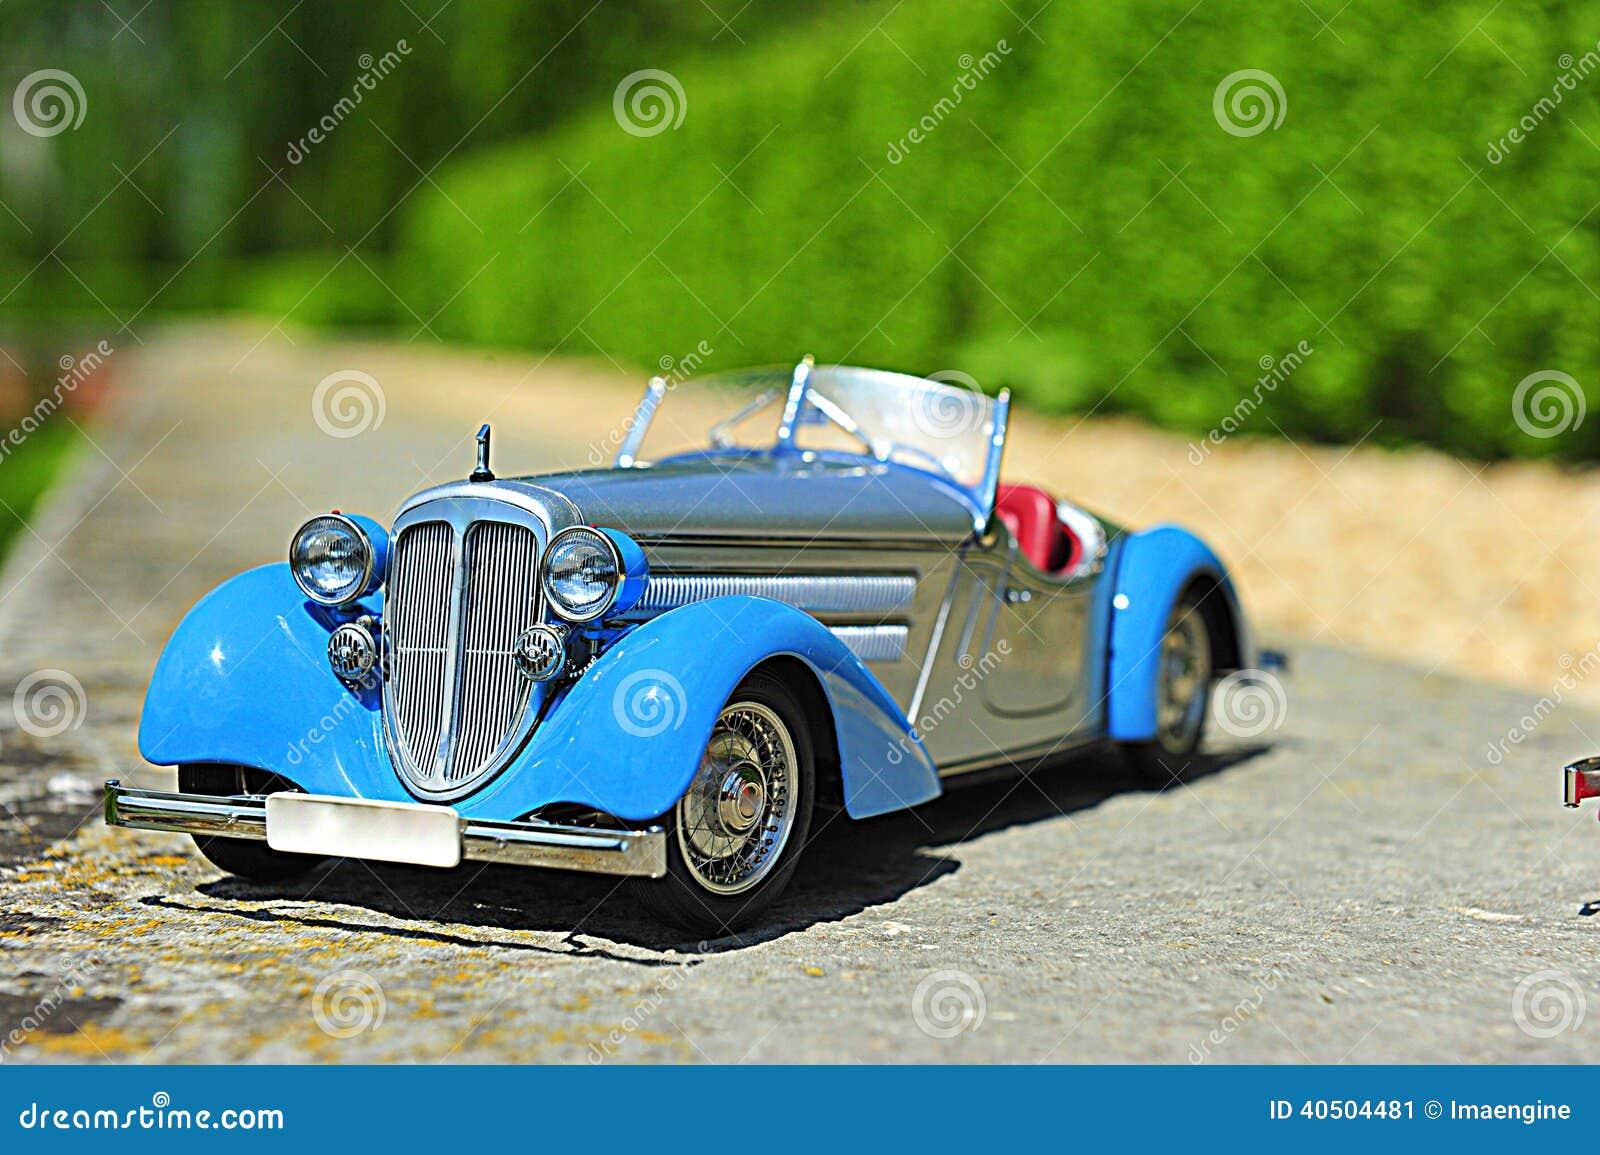 build vintage stock car reproduction glitch let